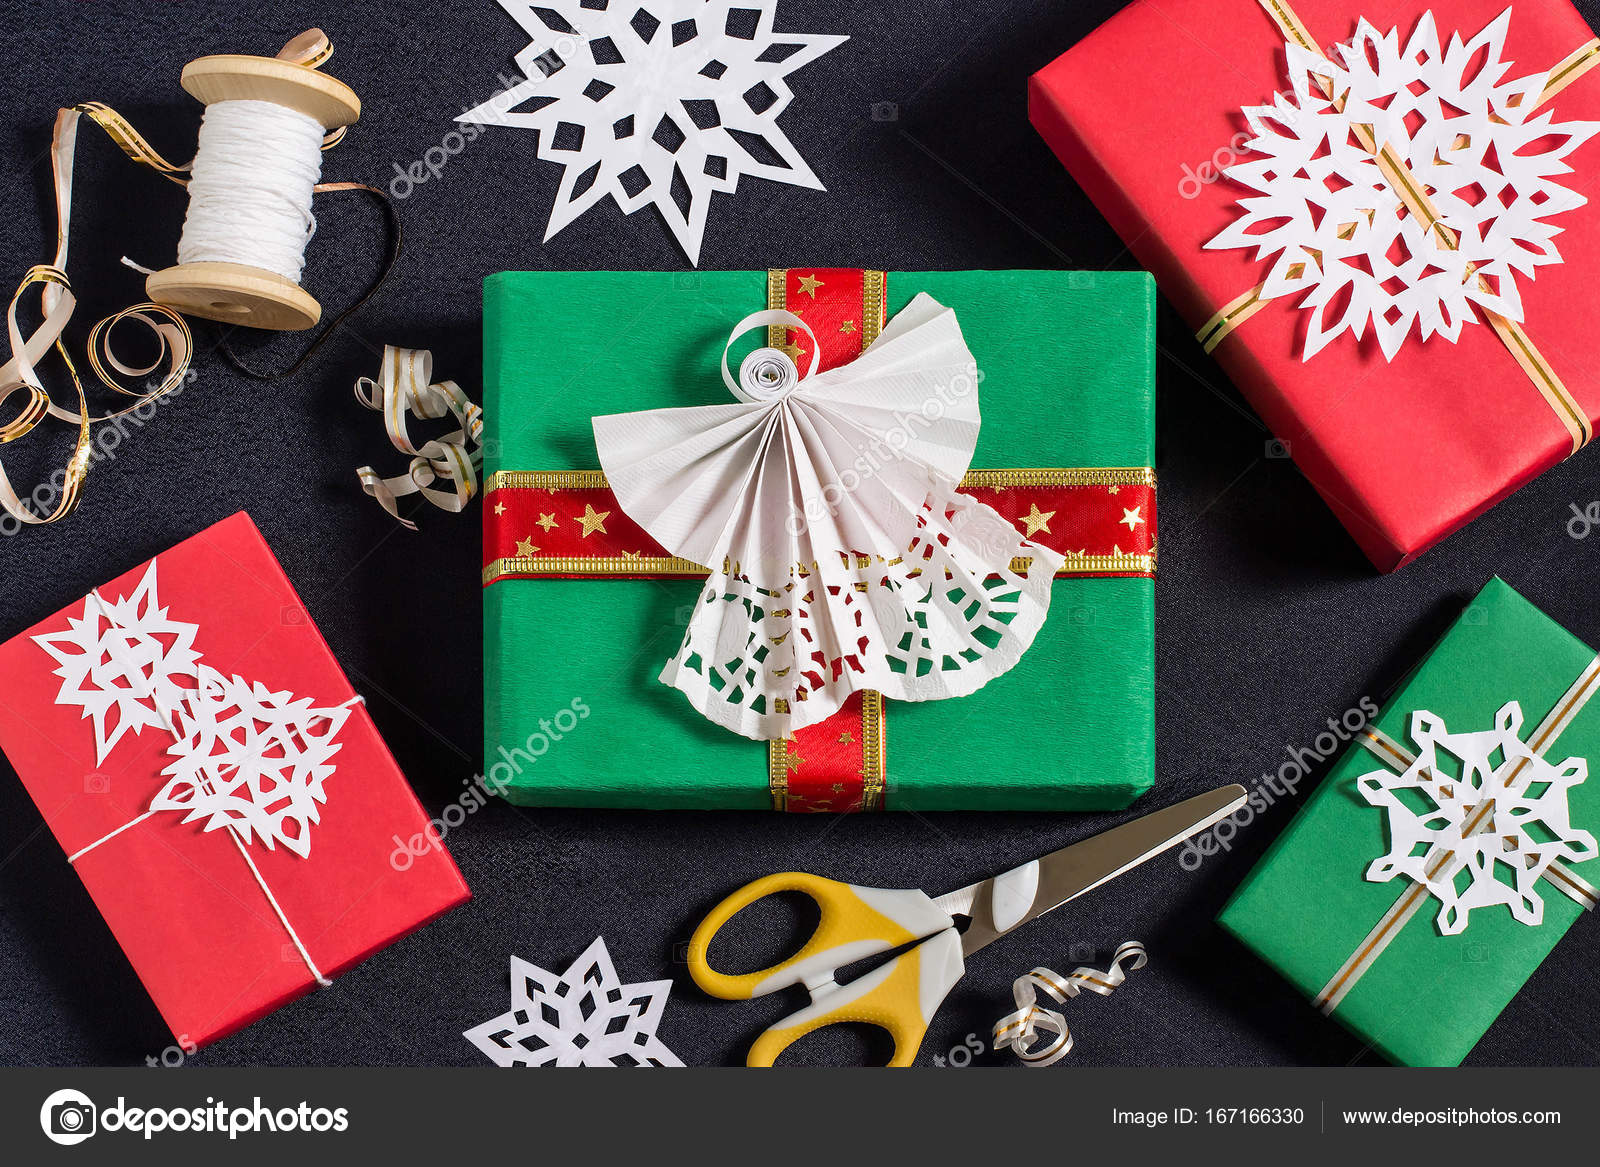 İlginç fikirler: kendi elleriyle hediye ve dekor objeleri yaptı